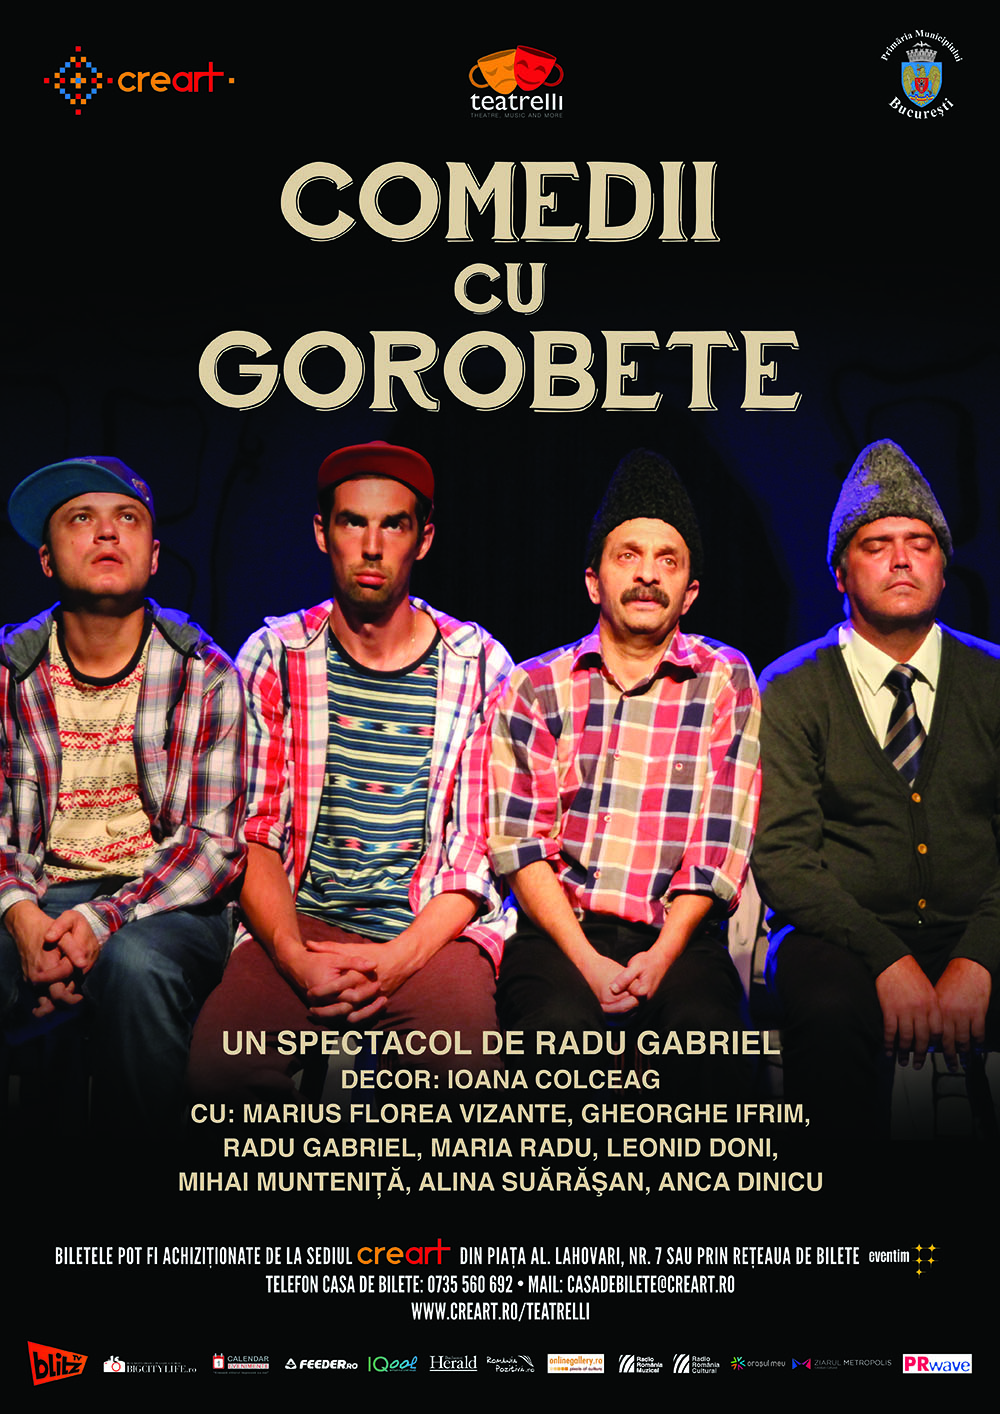 Comedii cu Gorobete